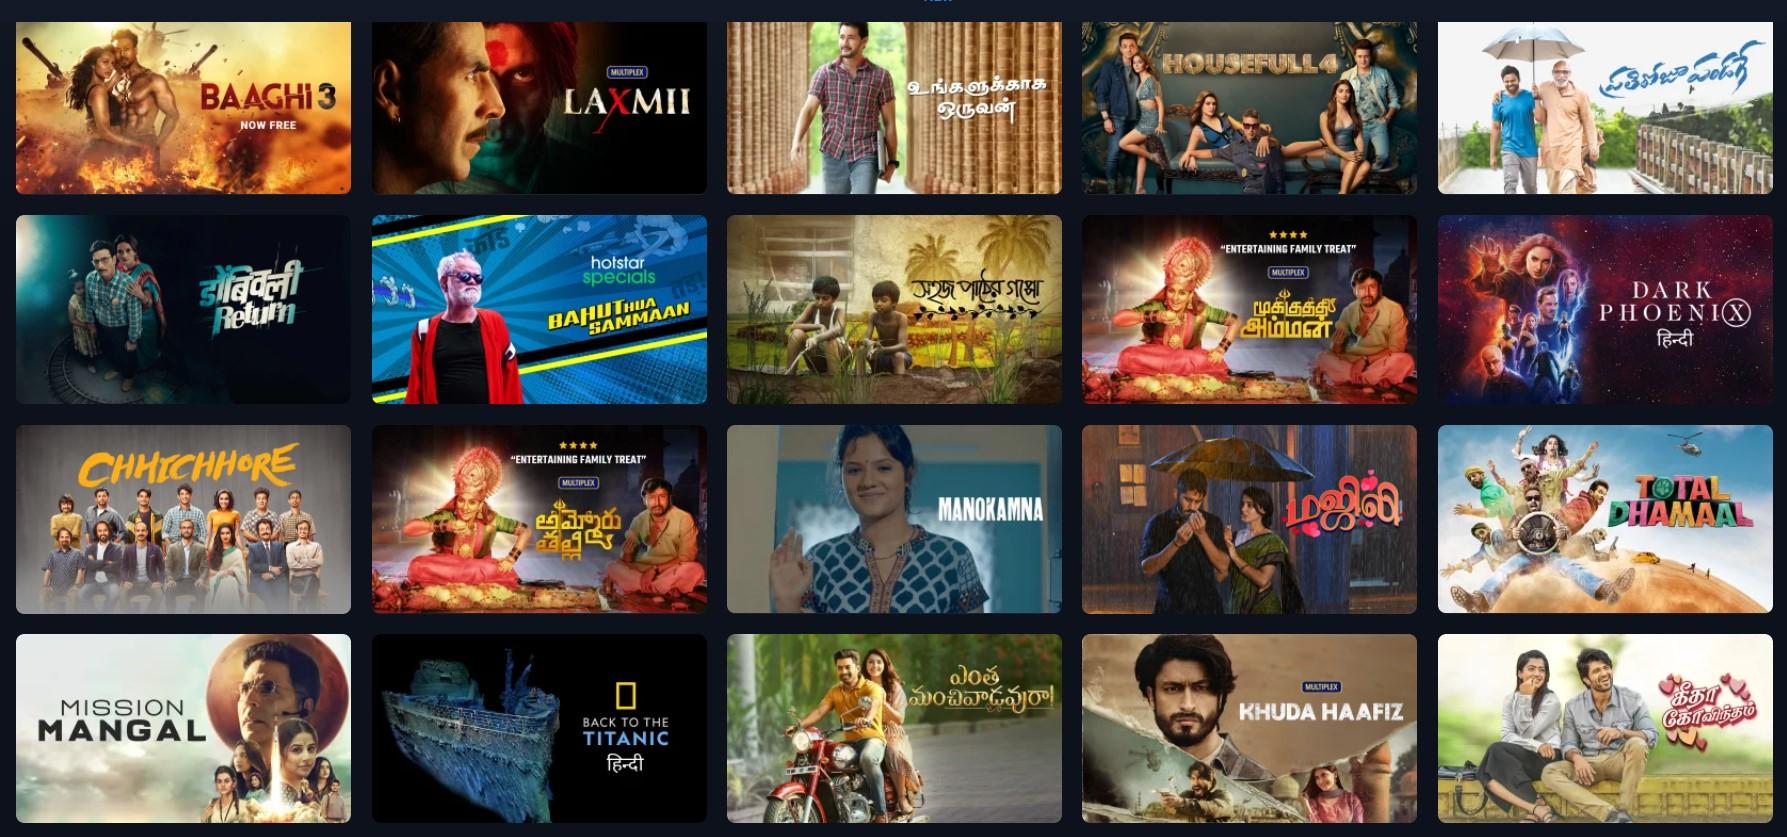 Tamilrockers Latest Leaked movies List